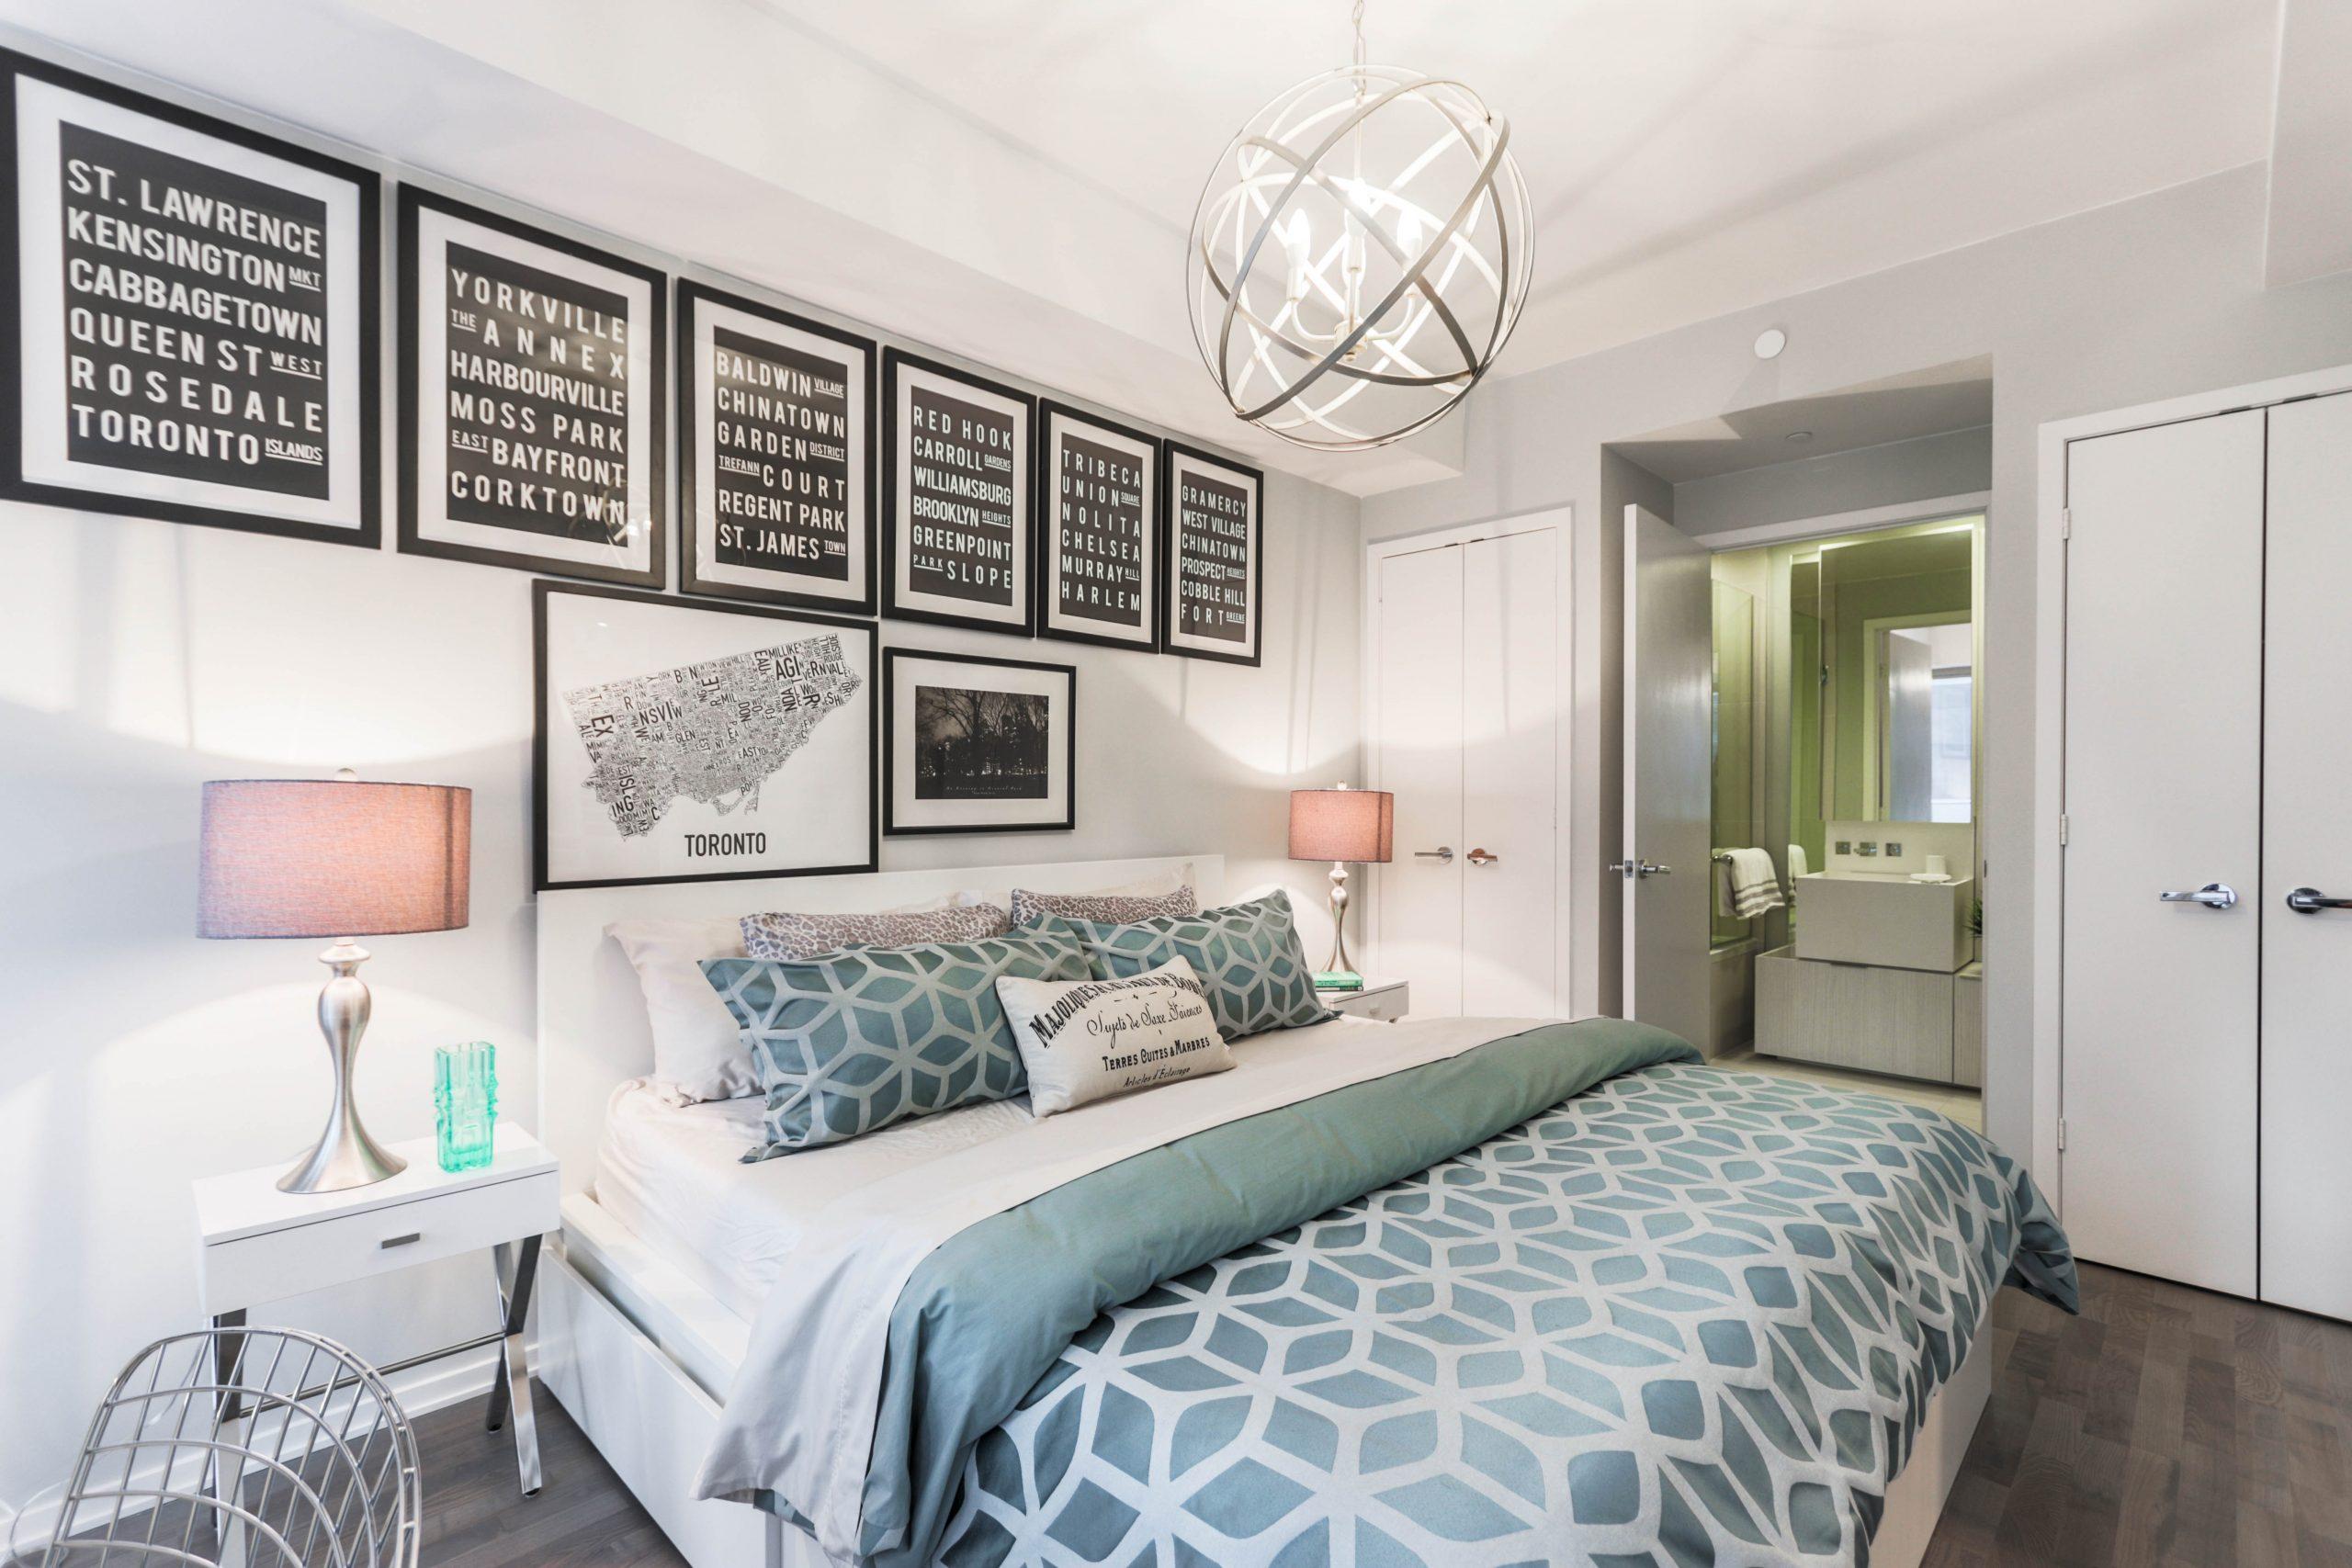 Na foto um quarto de casal com quadros na parede, abajures, roupa de cama verde e piso de madeira.